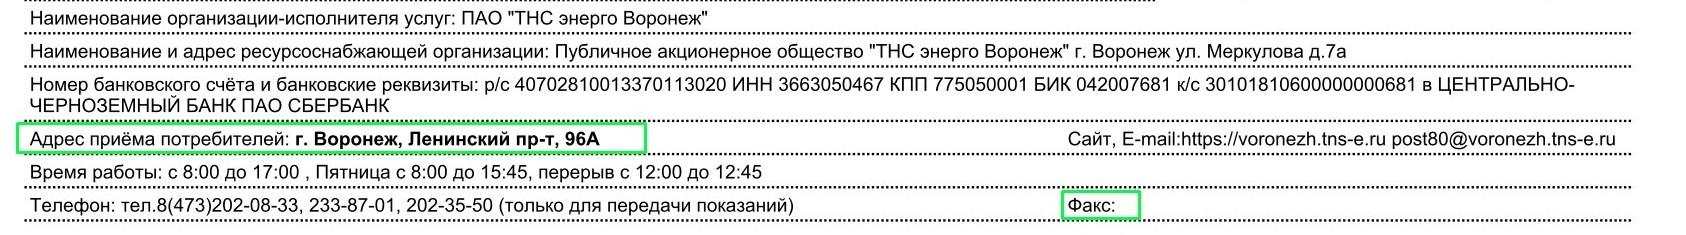 25.09.2019_Обновленные_квитанции (3.jpg